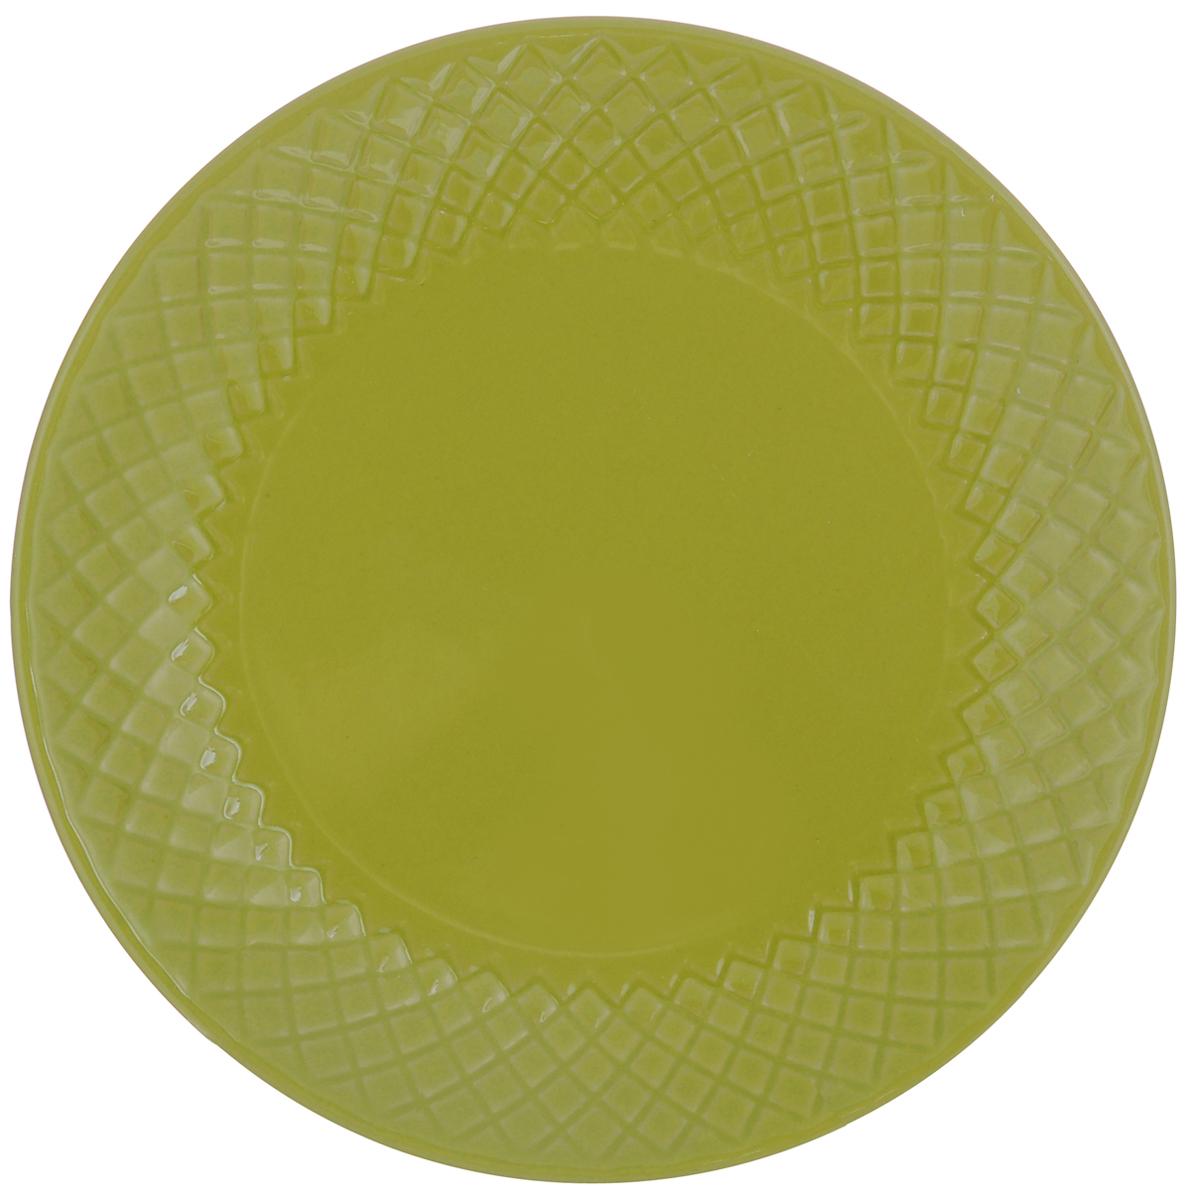 Тарелка обеденная Walmer Amber, цвет: зеленый, диаметр 20 см115610Тарелка обеденная Walmer Amber, изготовленная из высококачественной керамики, имеет изысканный внешний вид. Яркий дизайн придется по вкусу и ценителям классики, и тем, кто предпочитает утонченность. Тарелка Walmer Amber идеально подойдет для сервировки стола и станет отличным подарком к любому празднику.Диаметр (по верхнему краю): 20 см.